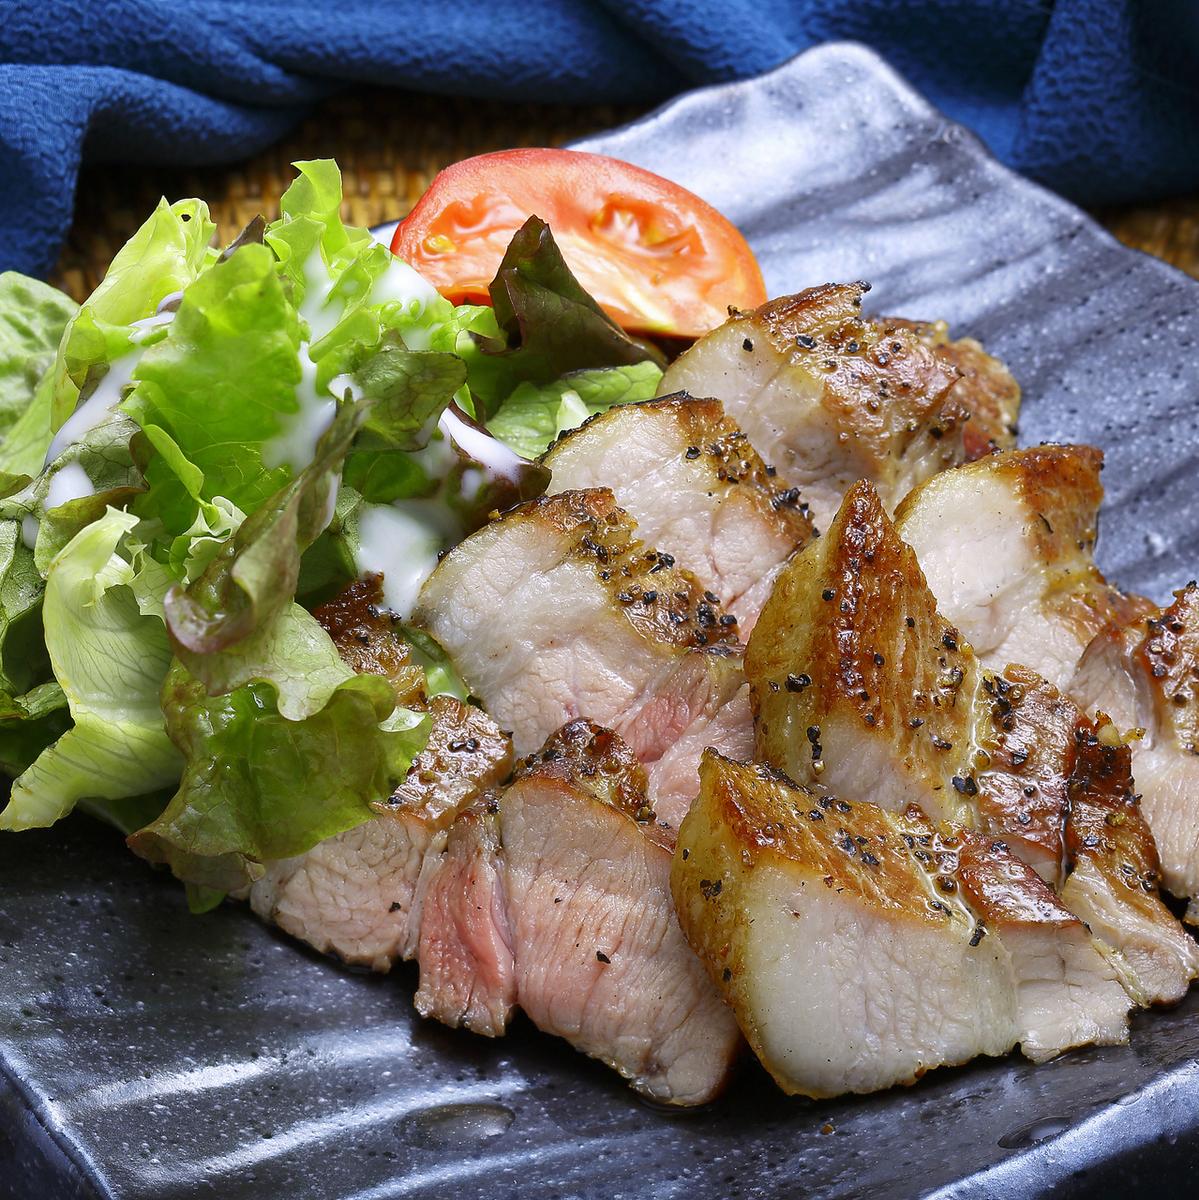 板栗猪肉熏熏腊肉味